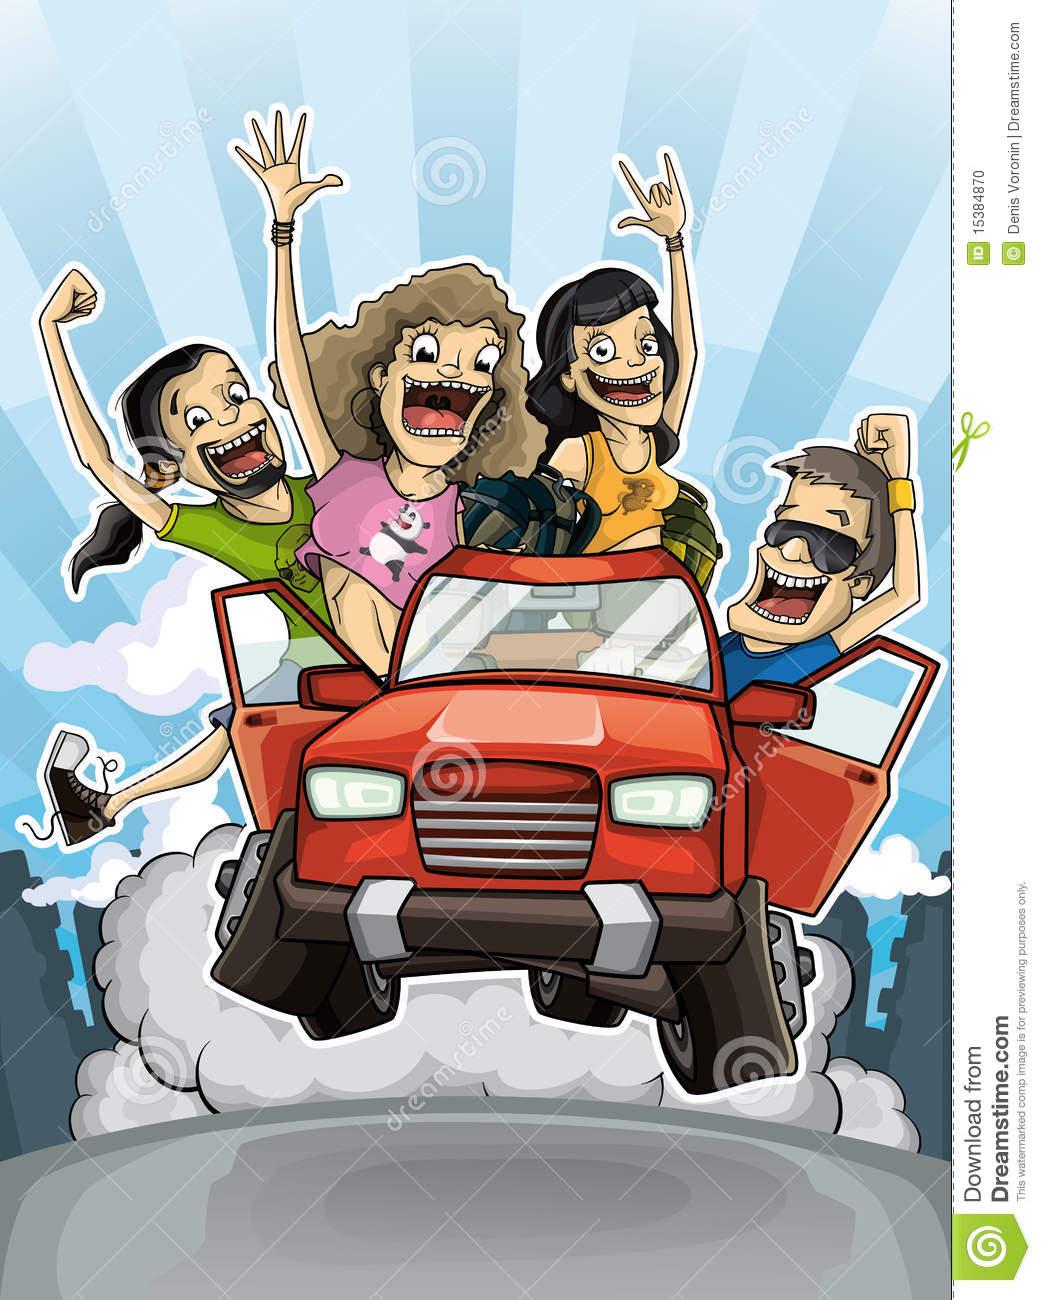 crazy driver clipart #5